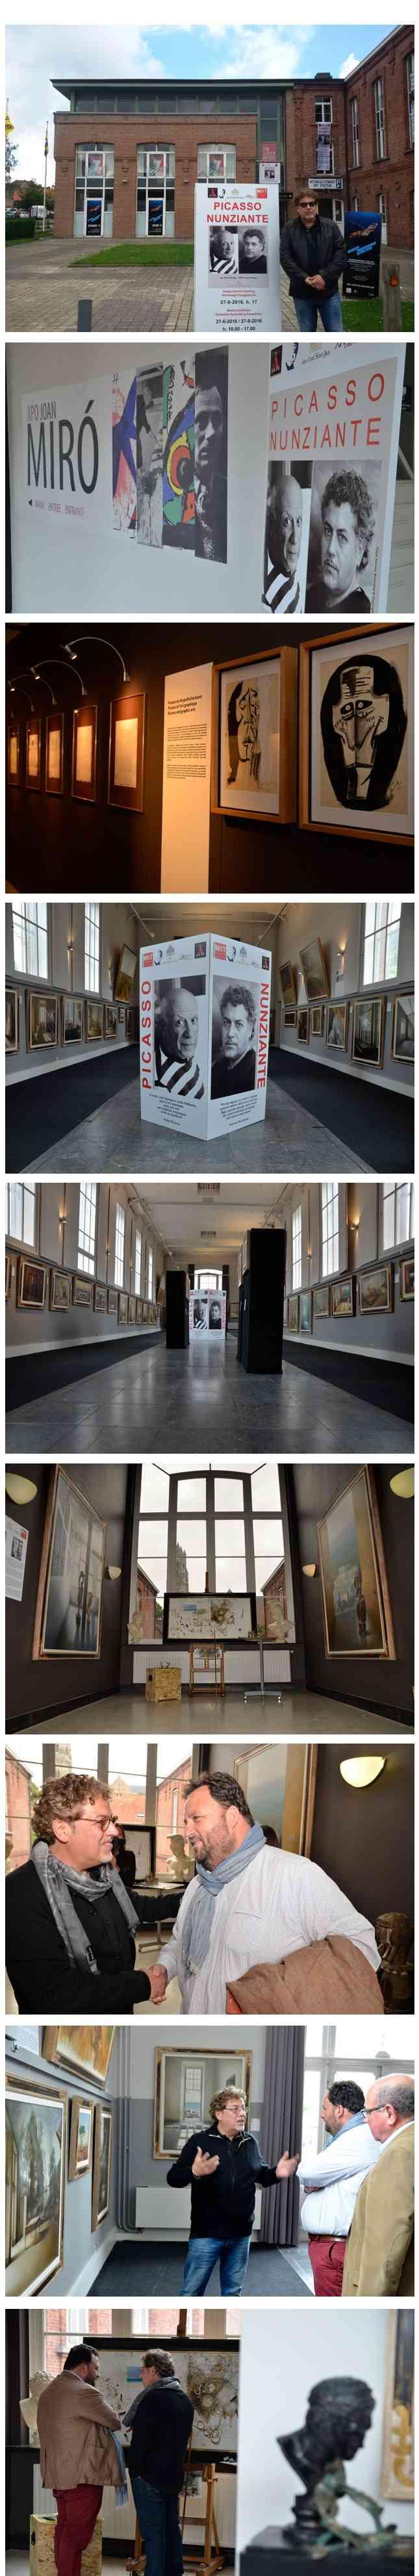 Picasso - Mirò - Nunziante - Bruges (B) 27 Giugno- 27 Settembre 2016 0112